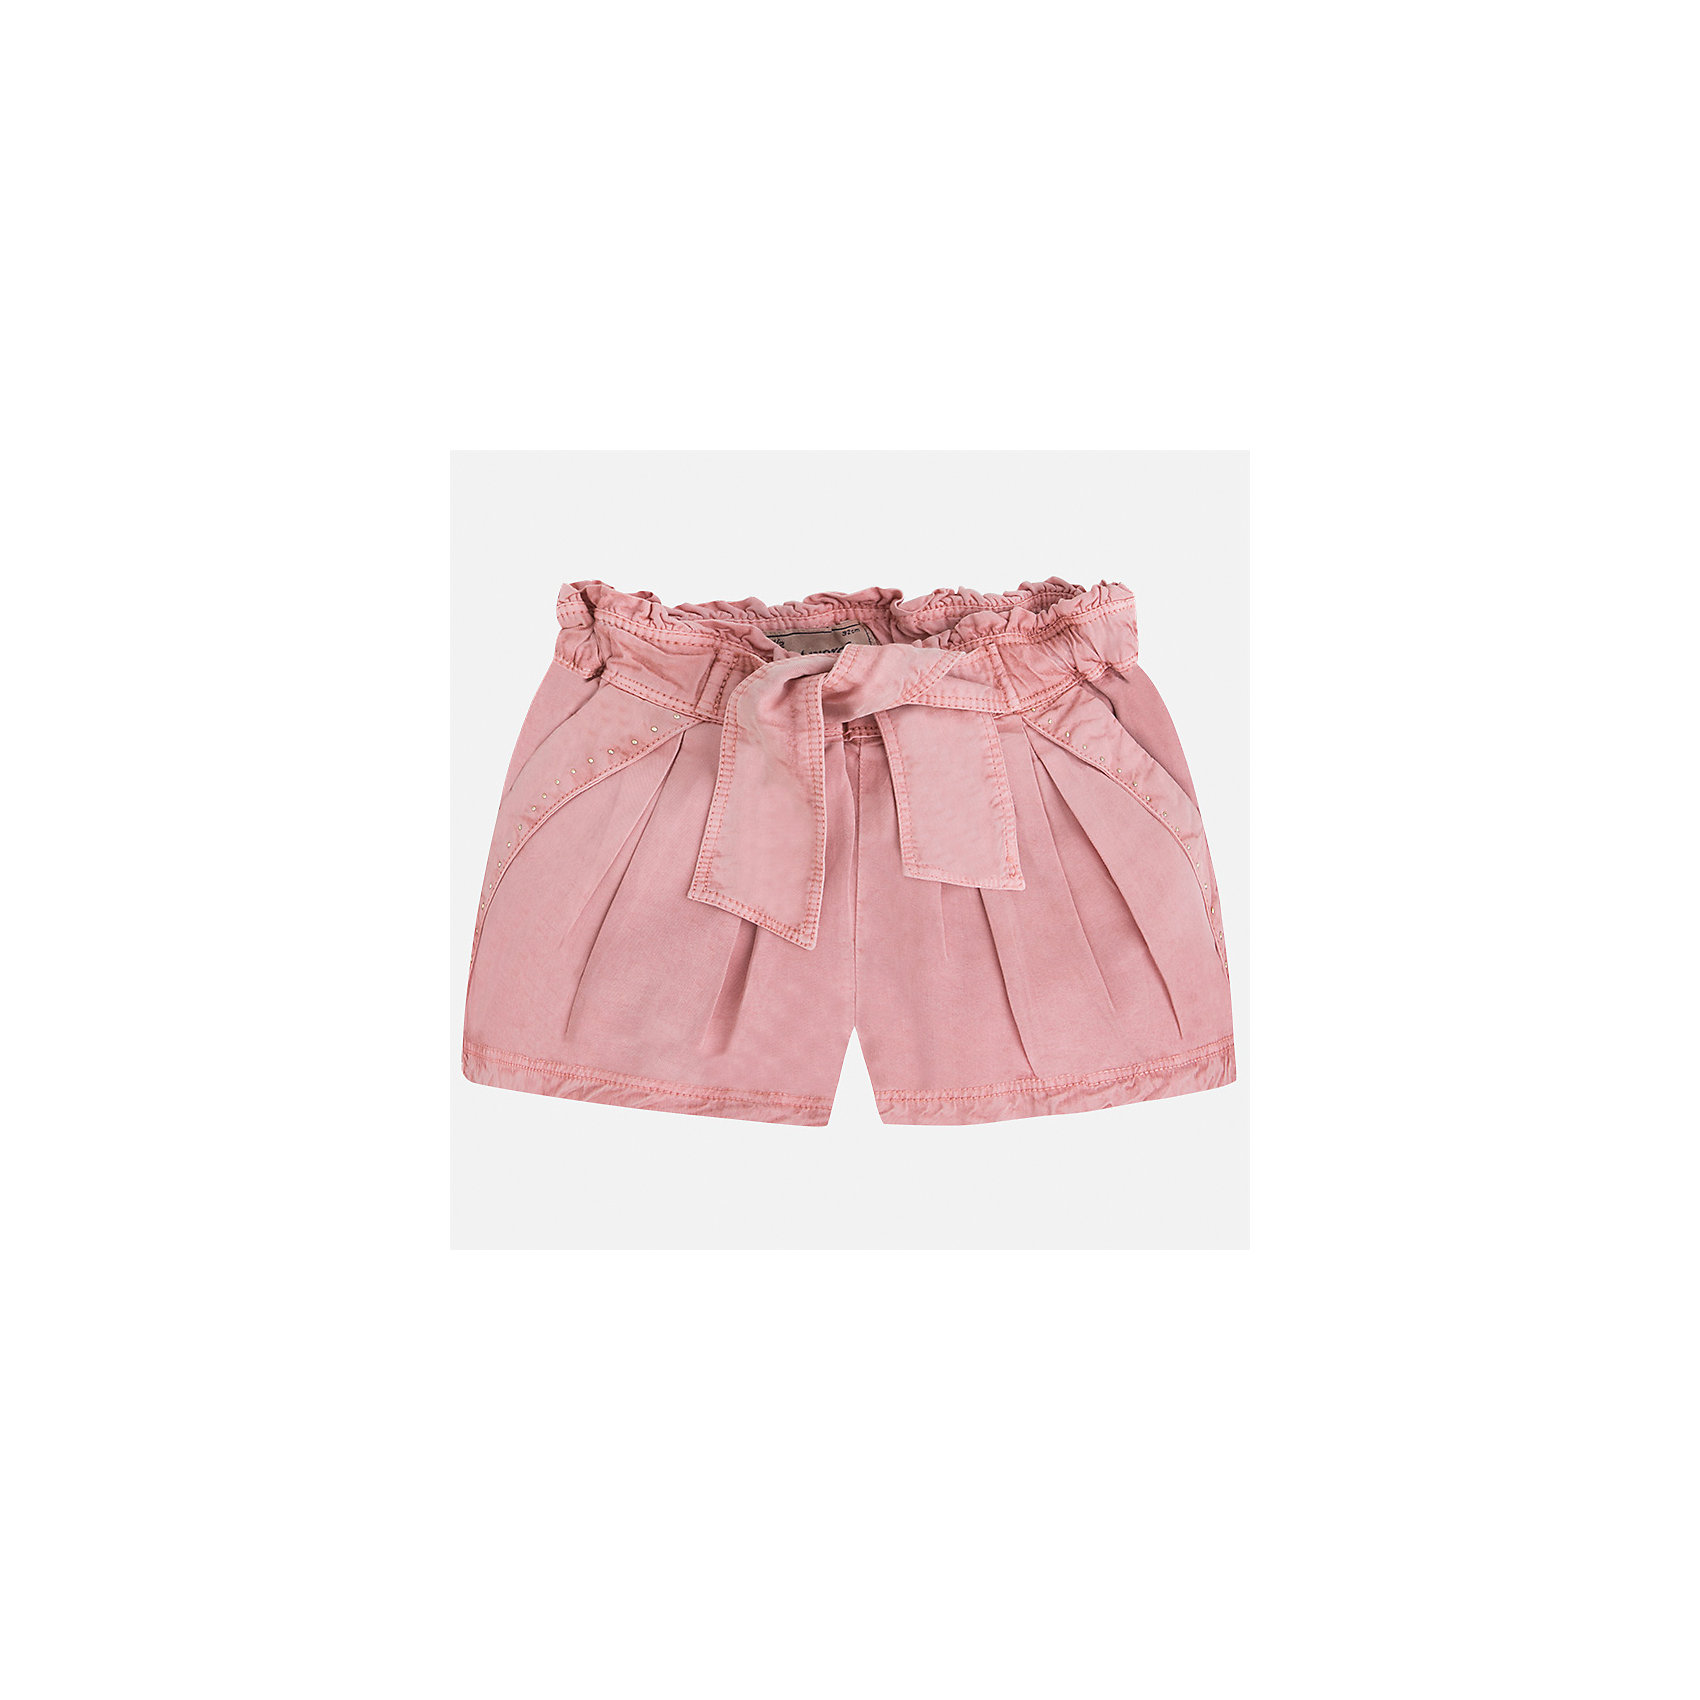 Шорты для девочки MayoralХарактеристики товара:<br><br>• цвет: розовый<br>• состав: 100% лиоцелл<br>• стразы<br>• украшены поясом-бантом<br>• пояс на резинке<br>• декоративная складка на штанинах<br>• страна бренда: Испания<br><br>Модные легкие шорты для девочки смогут разнообразить гардероб ребенка и украсить наряд. Они отлично сочетаются с майками, футболками, блузками. Красивый оттенок позволяет подобрать к вещи верх разных расцветок. Интересный крой модели делает её нарядной и оригинальной. <br>Одежда, обувь и аксессуары от испанского бренда Mayoral полюбились детям и взрослым по всему миру. Модели этой марки - стильные и удобные. Для их производства используются только безопасные, качественные материалы и фурнитура. Порадуйте ребенка модными и красивыми вещами от Mayoral! <br><br>Шорты для девочки от испанского бренда Mayoral (Майорал) можно купить в нашем интернет-магазине.<br><br>Ширина мм: 191<br>Глубина мм: 10<br>Высота мм: 175<br>Вес г: 273<br>Цвет: розовый<br>Возраст от месяцев: 60<br>Возраст до месяцев: 72<br>Пол: Женский<br>Возраст: Детский<br>Размер: 116,134,128,122<br>SKU: 5289807